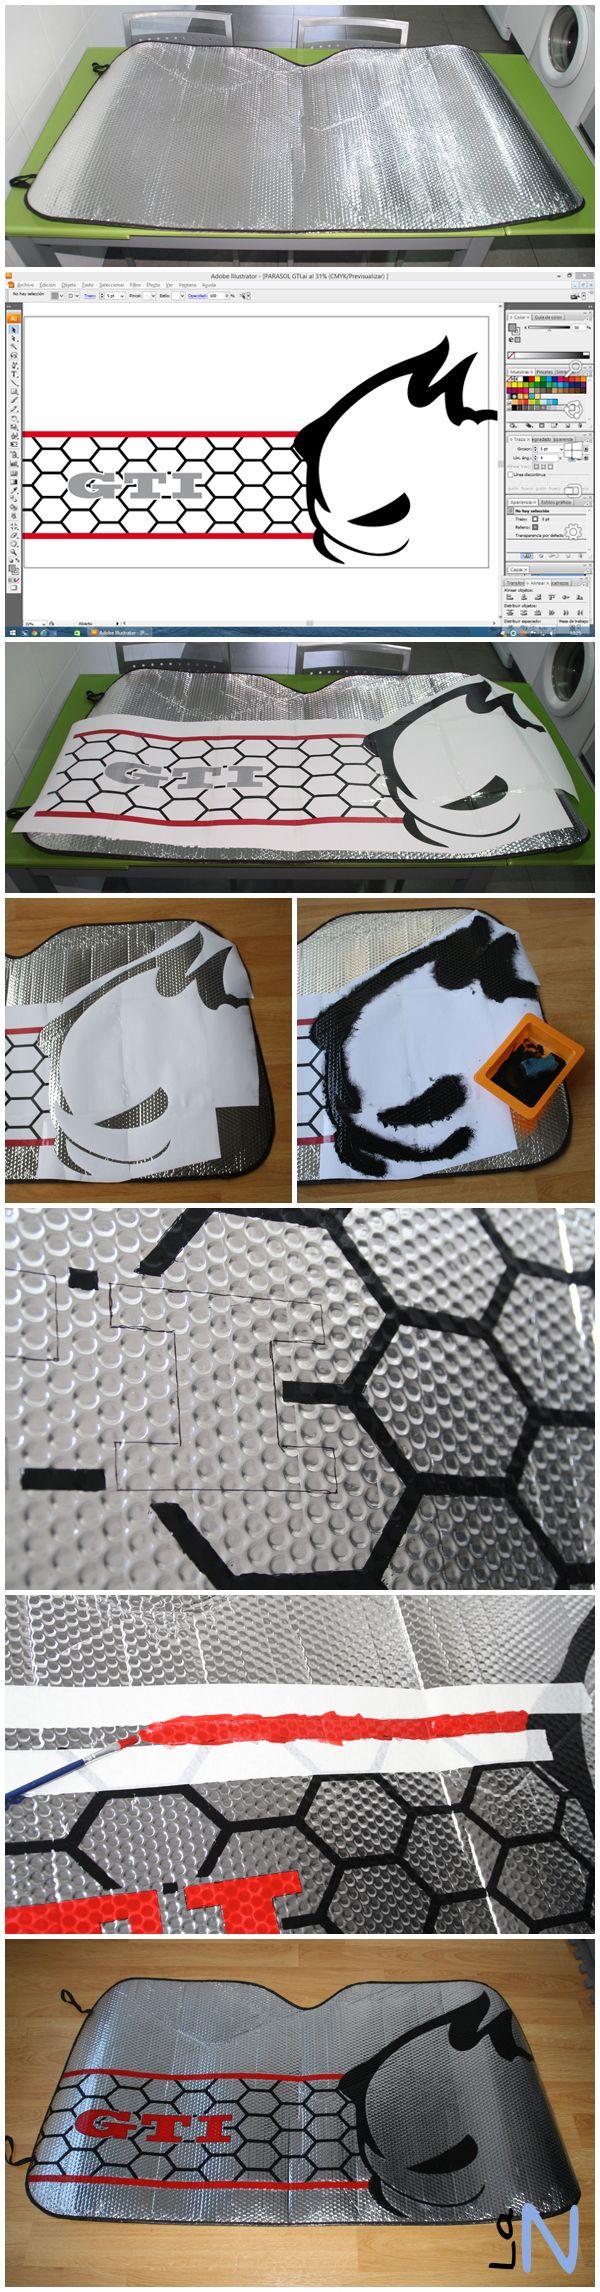 Parasol personalizado con logotipo de GTI, rejilla panel de abeja y Fast. Si quieres ver la explicación del paso a paso, visita: http://laneuronadelmanitas.blogspot.com.es/2014/05/parasol-de-coche-personalizado.html